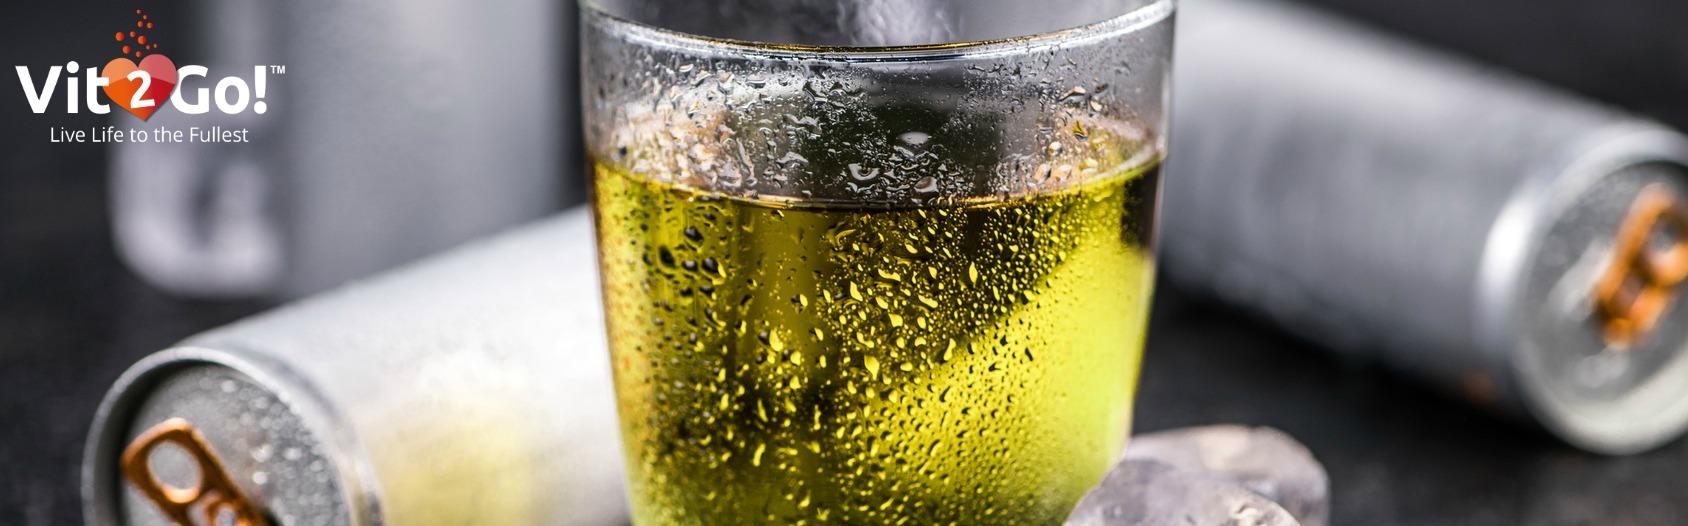 Taurin ist ein beliebter Wirkstoff in Energy Drinks.